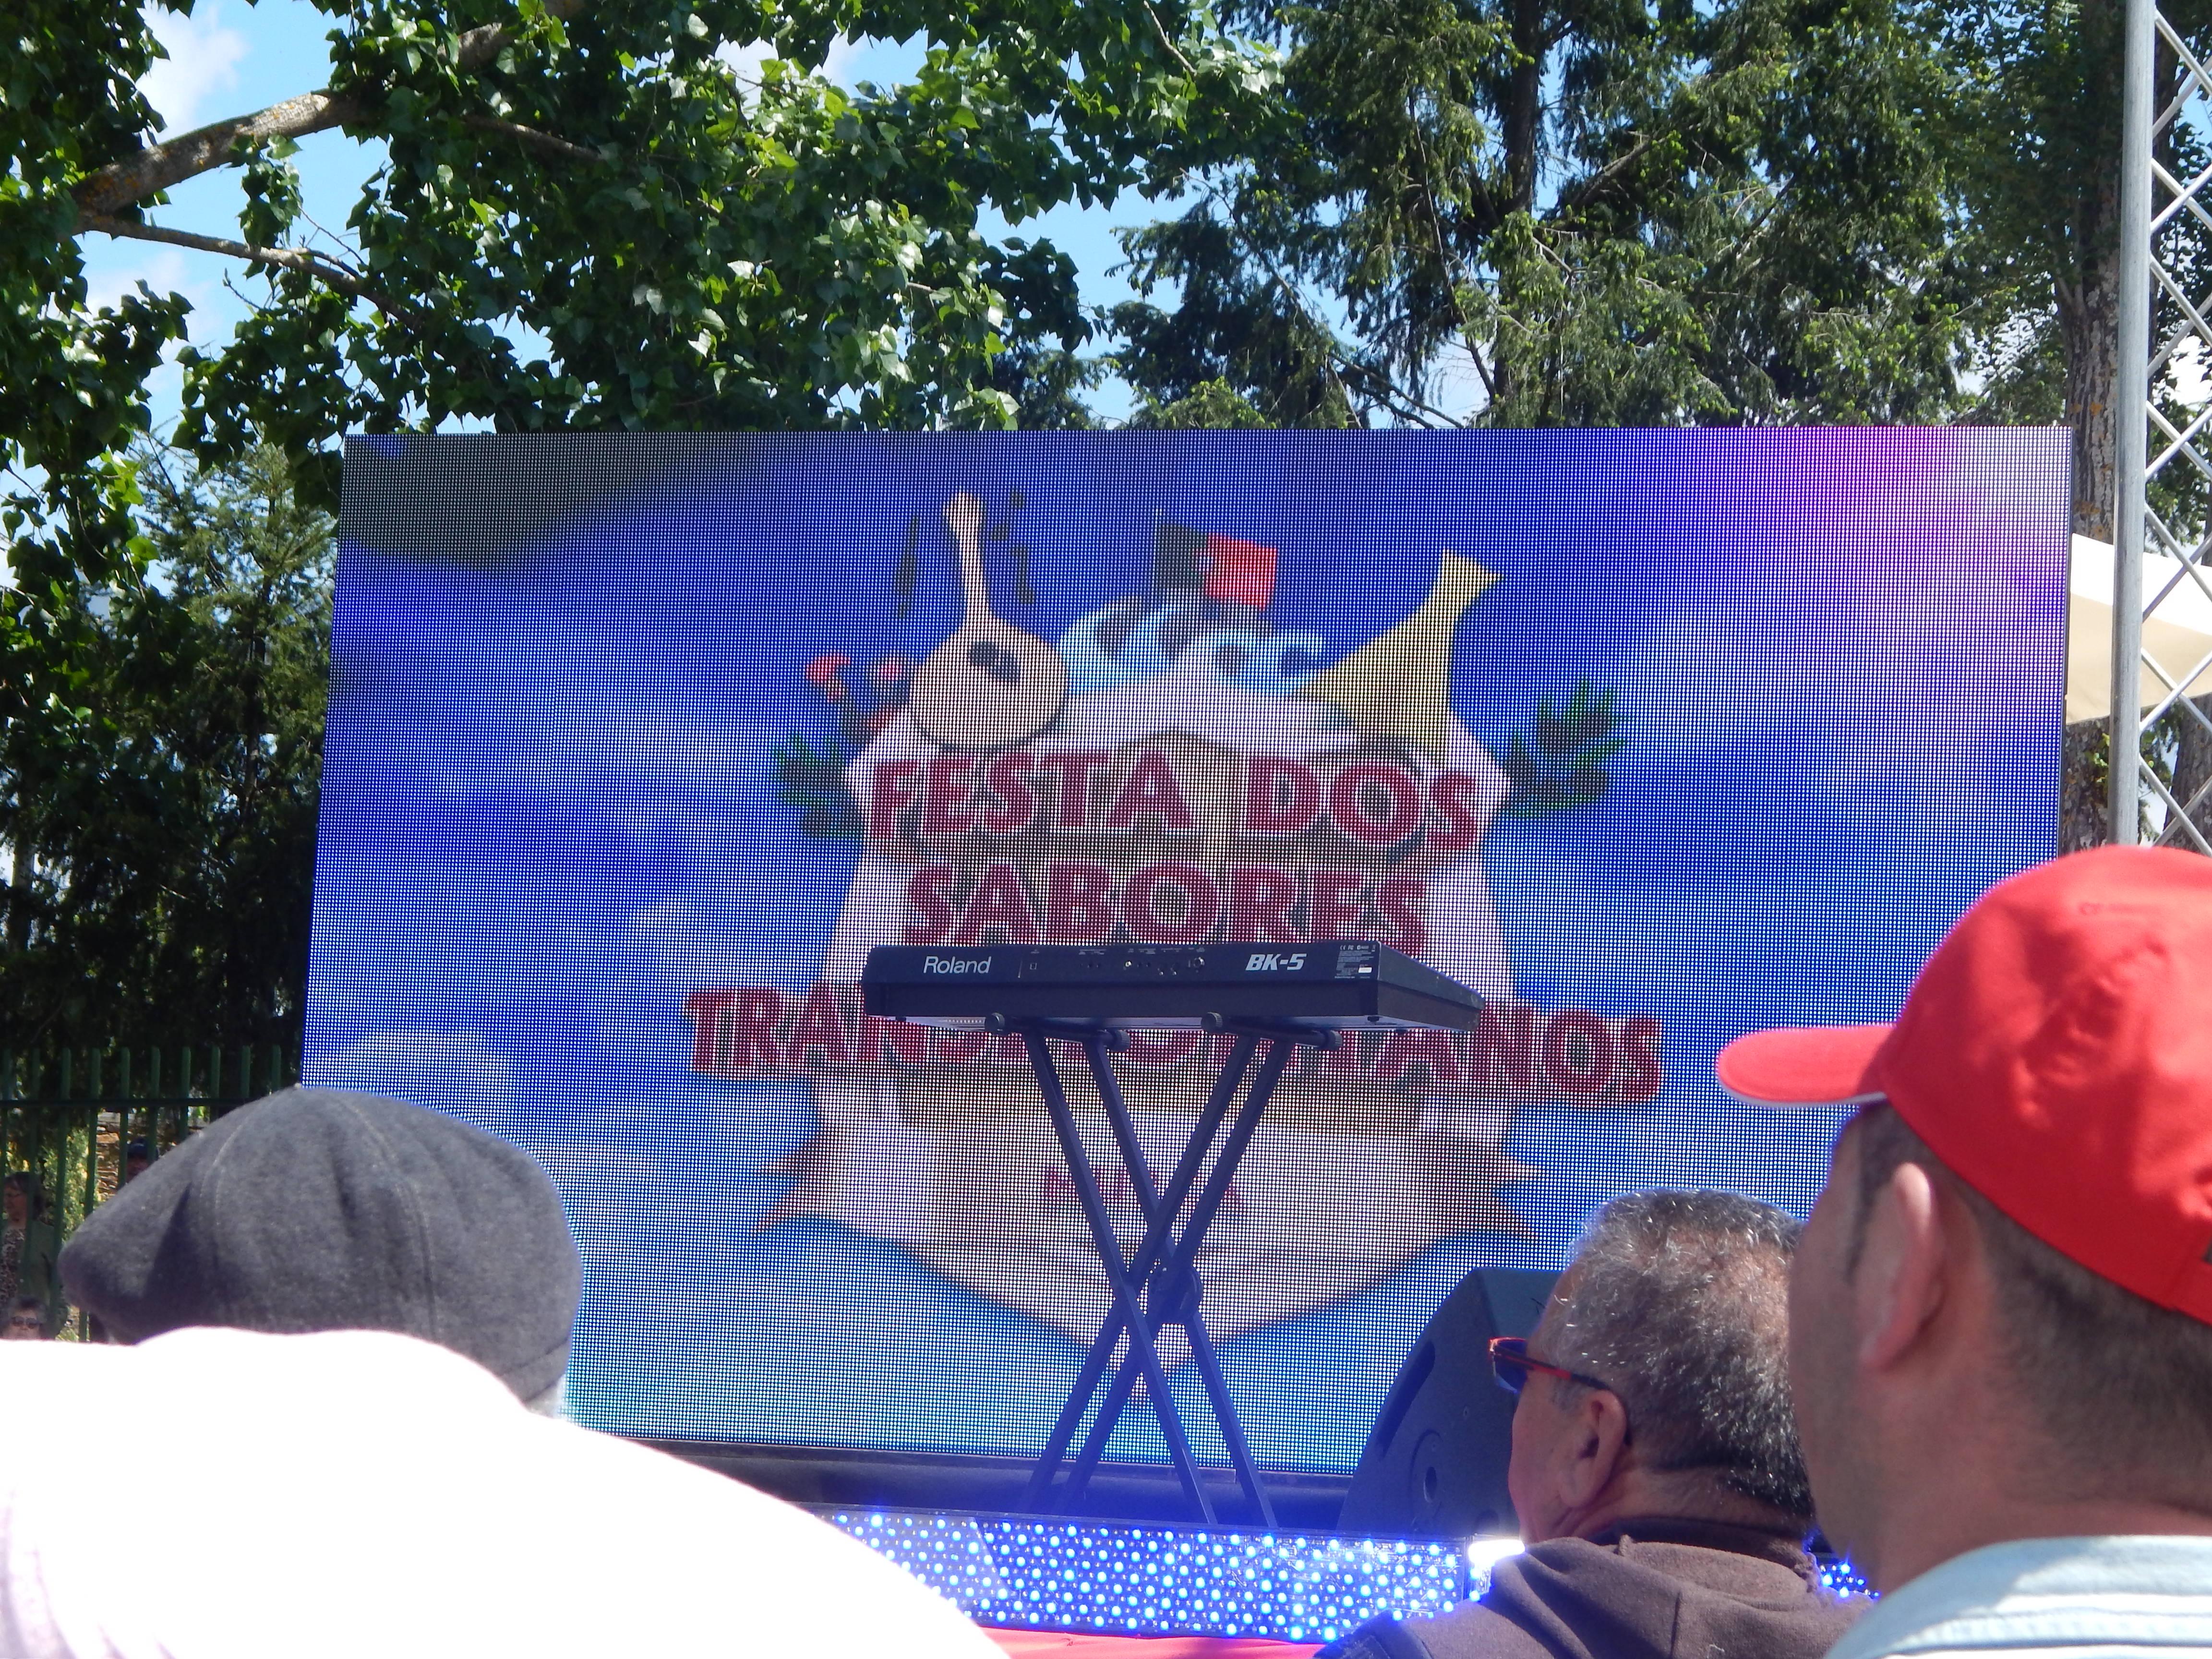 Fiesta en la tvi (televisión) en directo para acabar la Feria